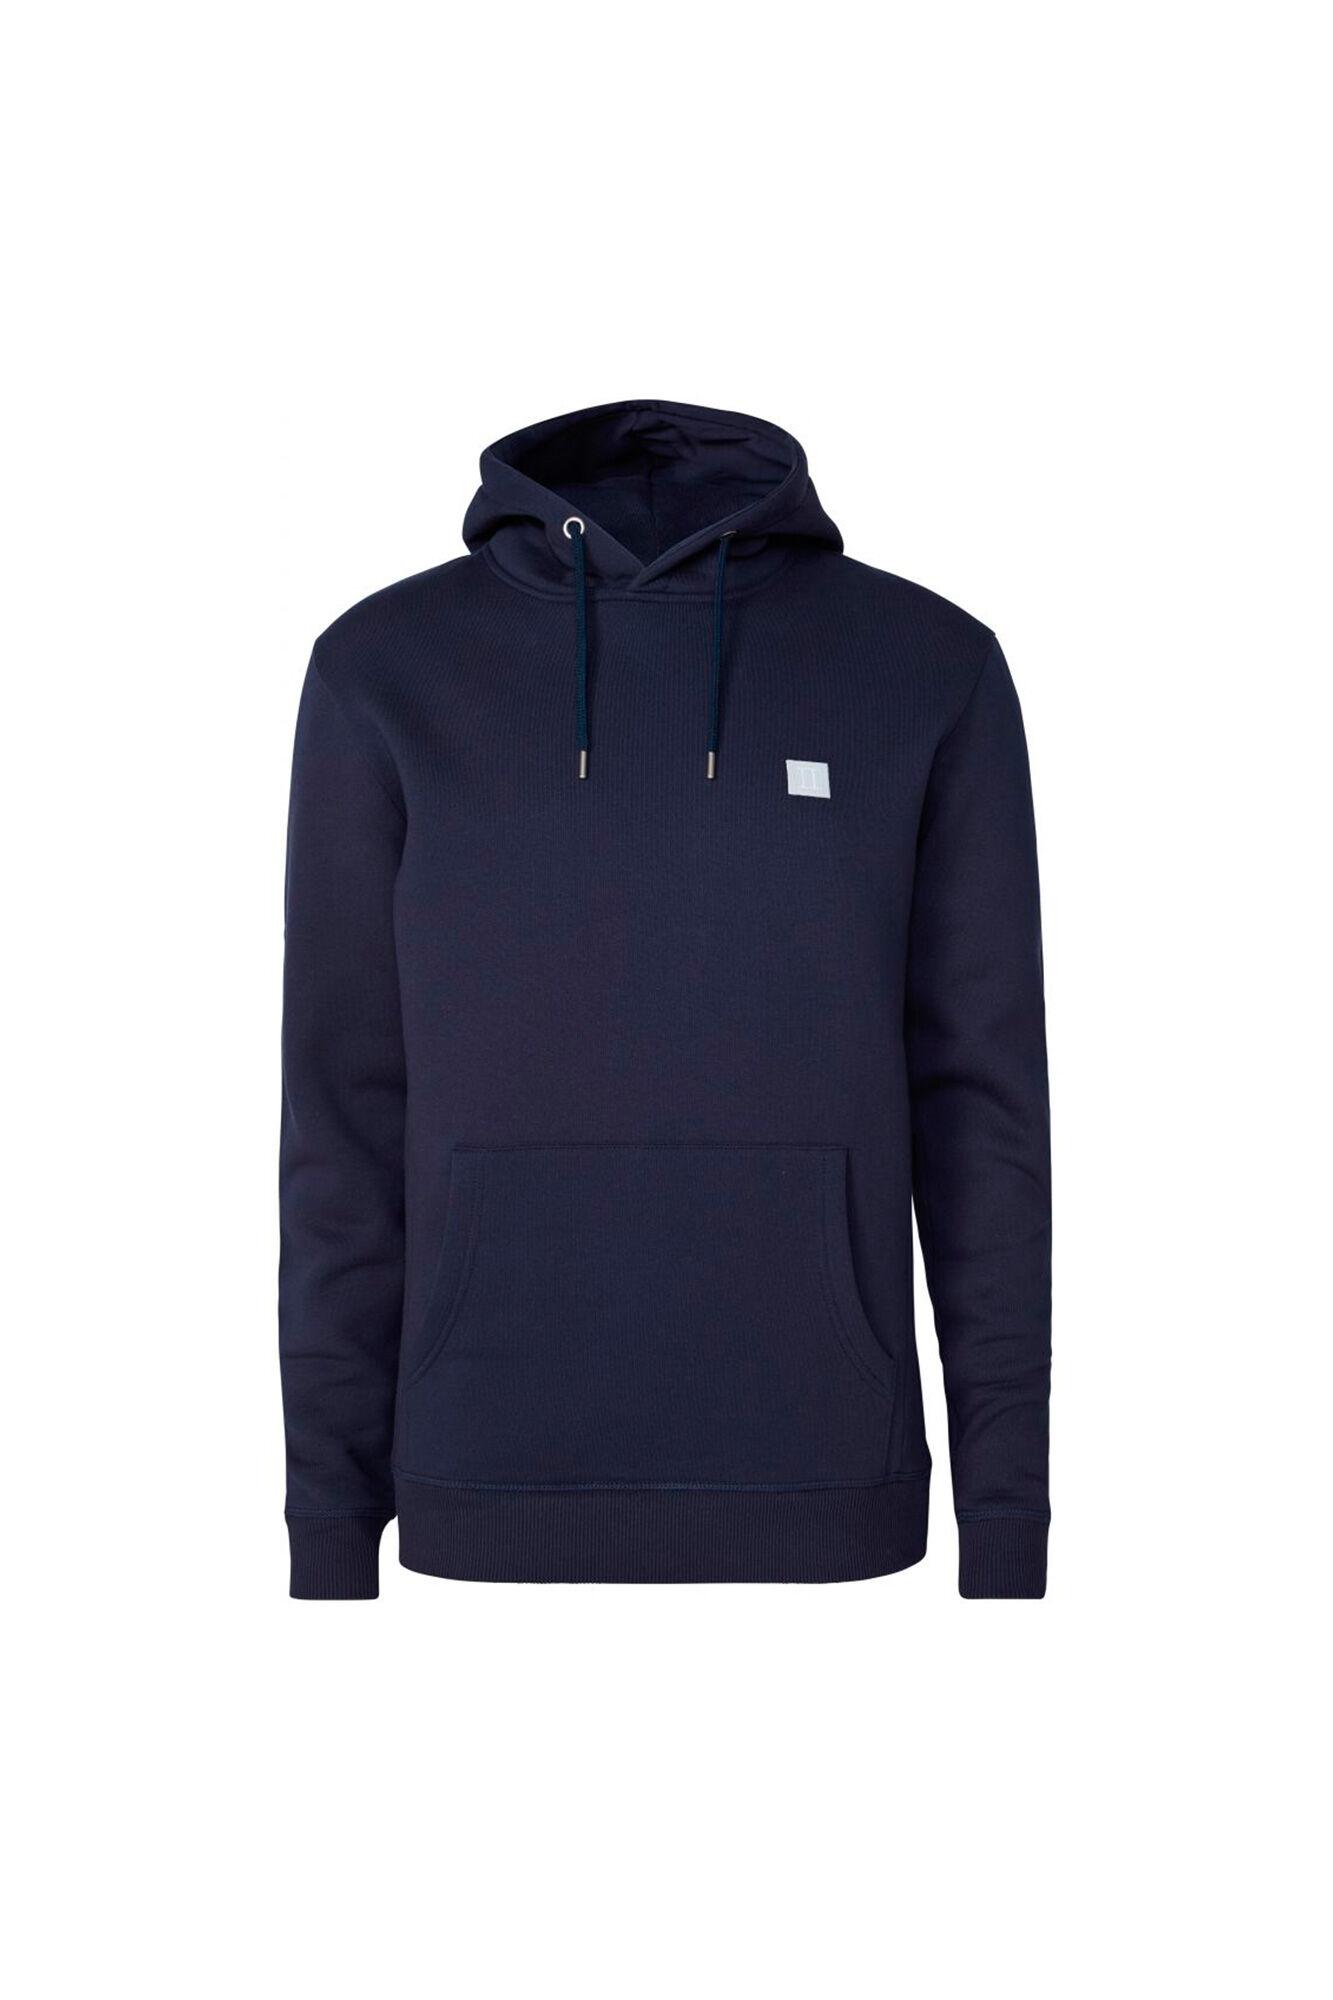 Piece hoodie LDM201017, DARK NAVY/WHITE